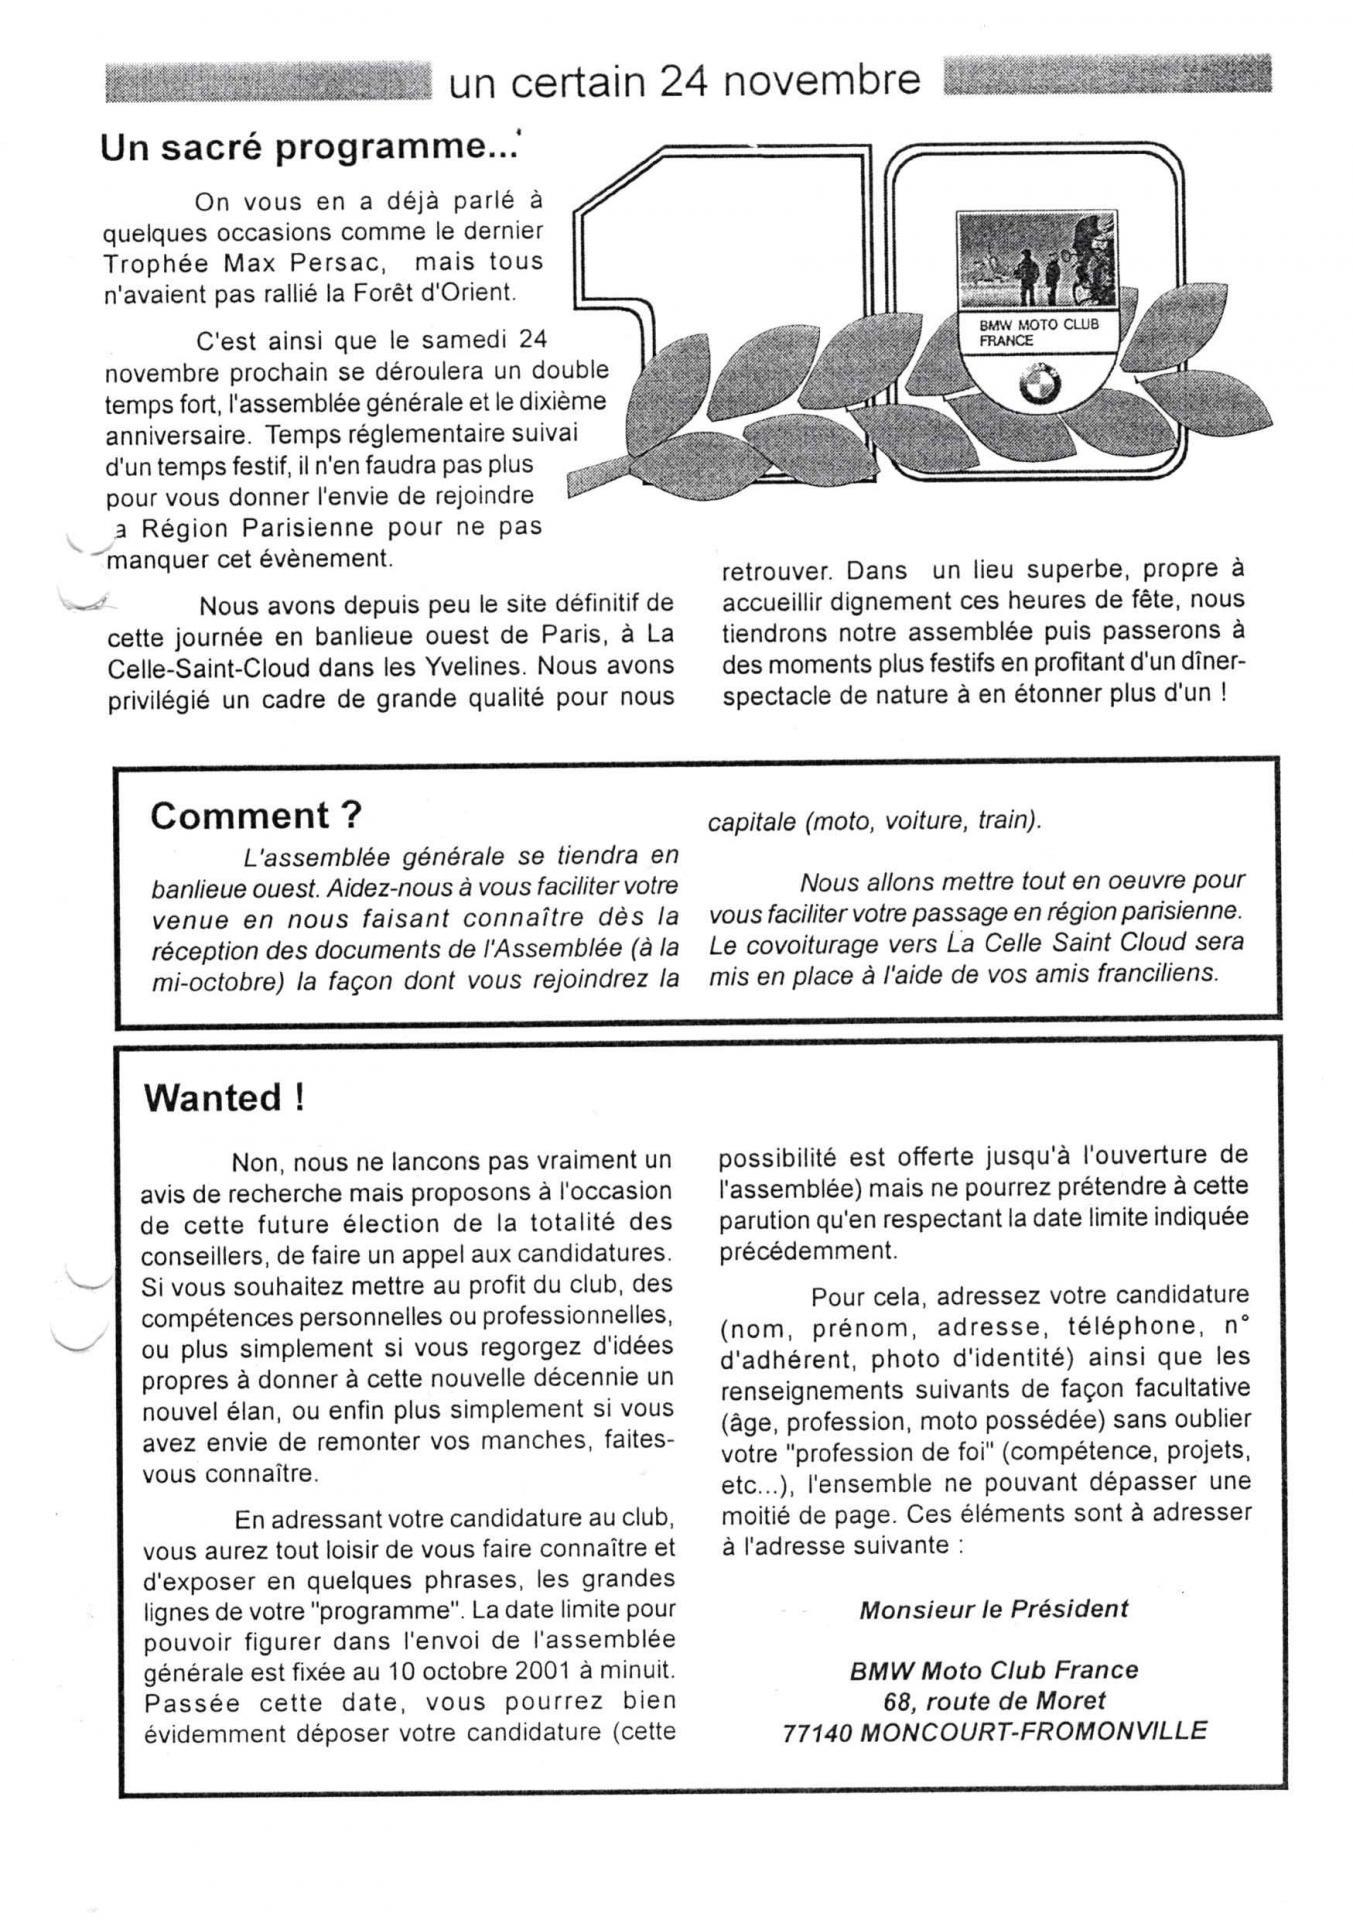 2001 10 eureka express 3